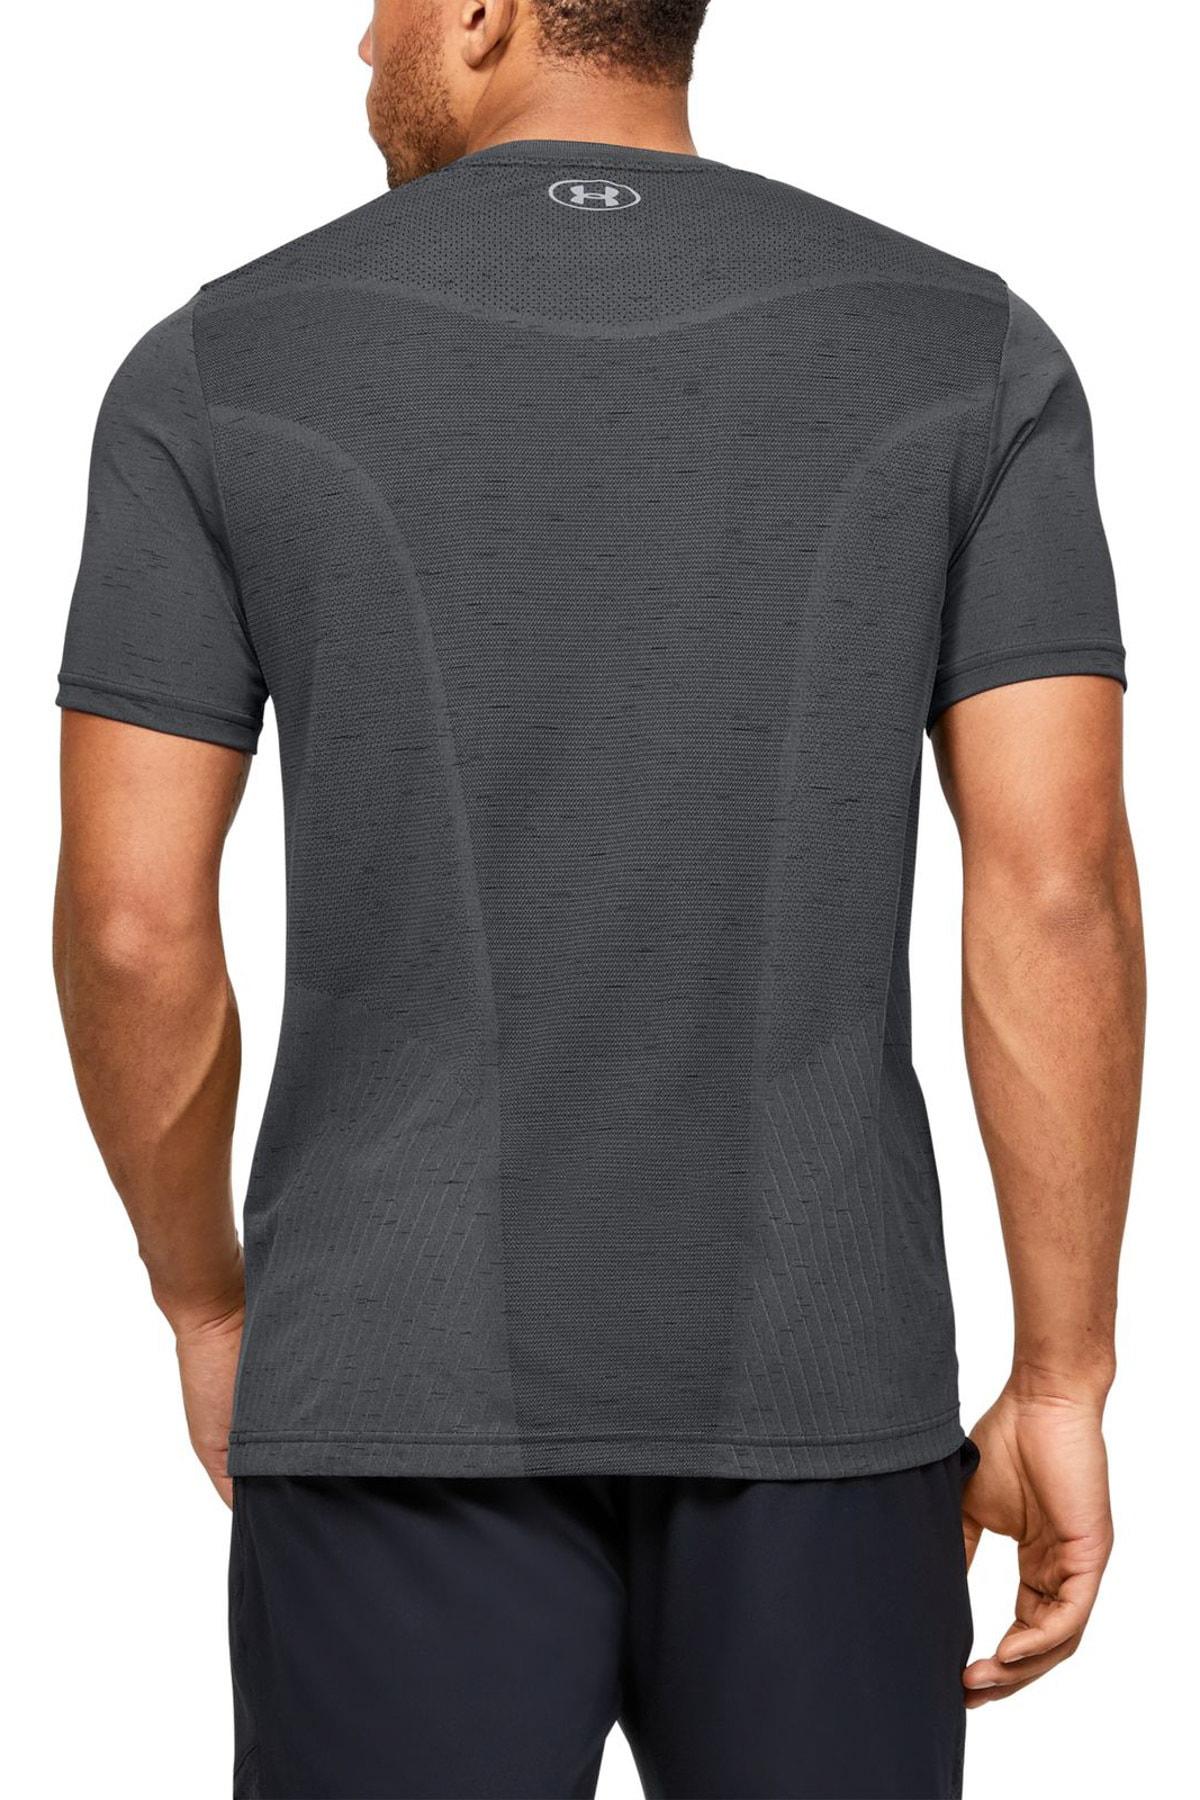 Under Armour Erkek Spor T-Shirt - Ua Seamless Ss - 1351449-012